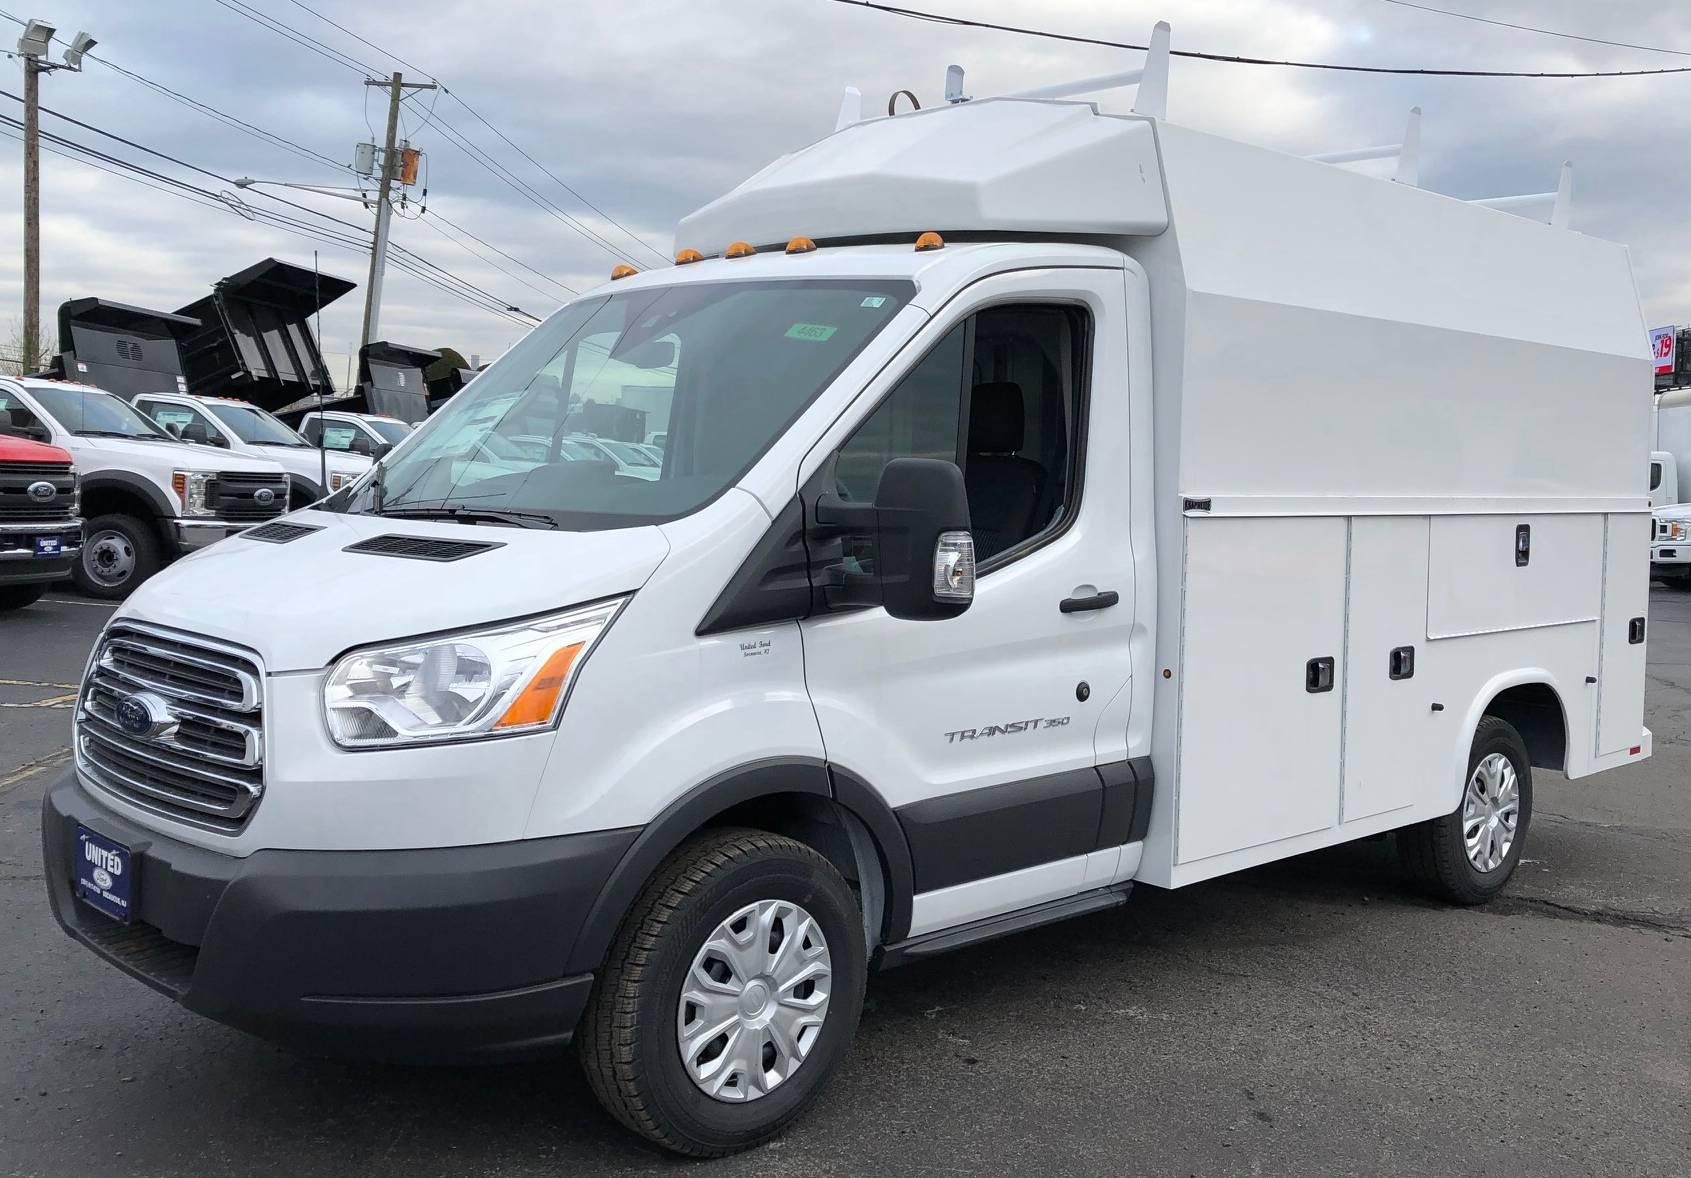 2018 Ford Transit Utility Truck Cutaway UTILITY TRUCK